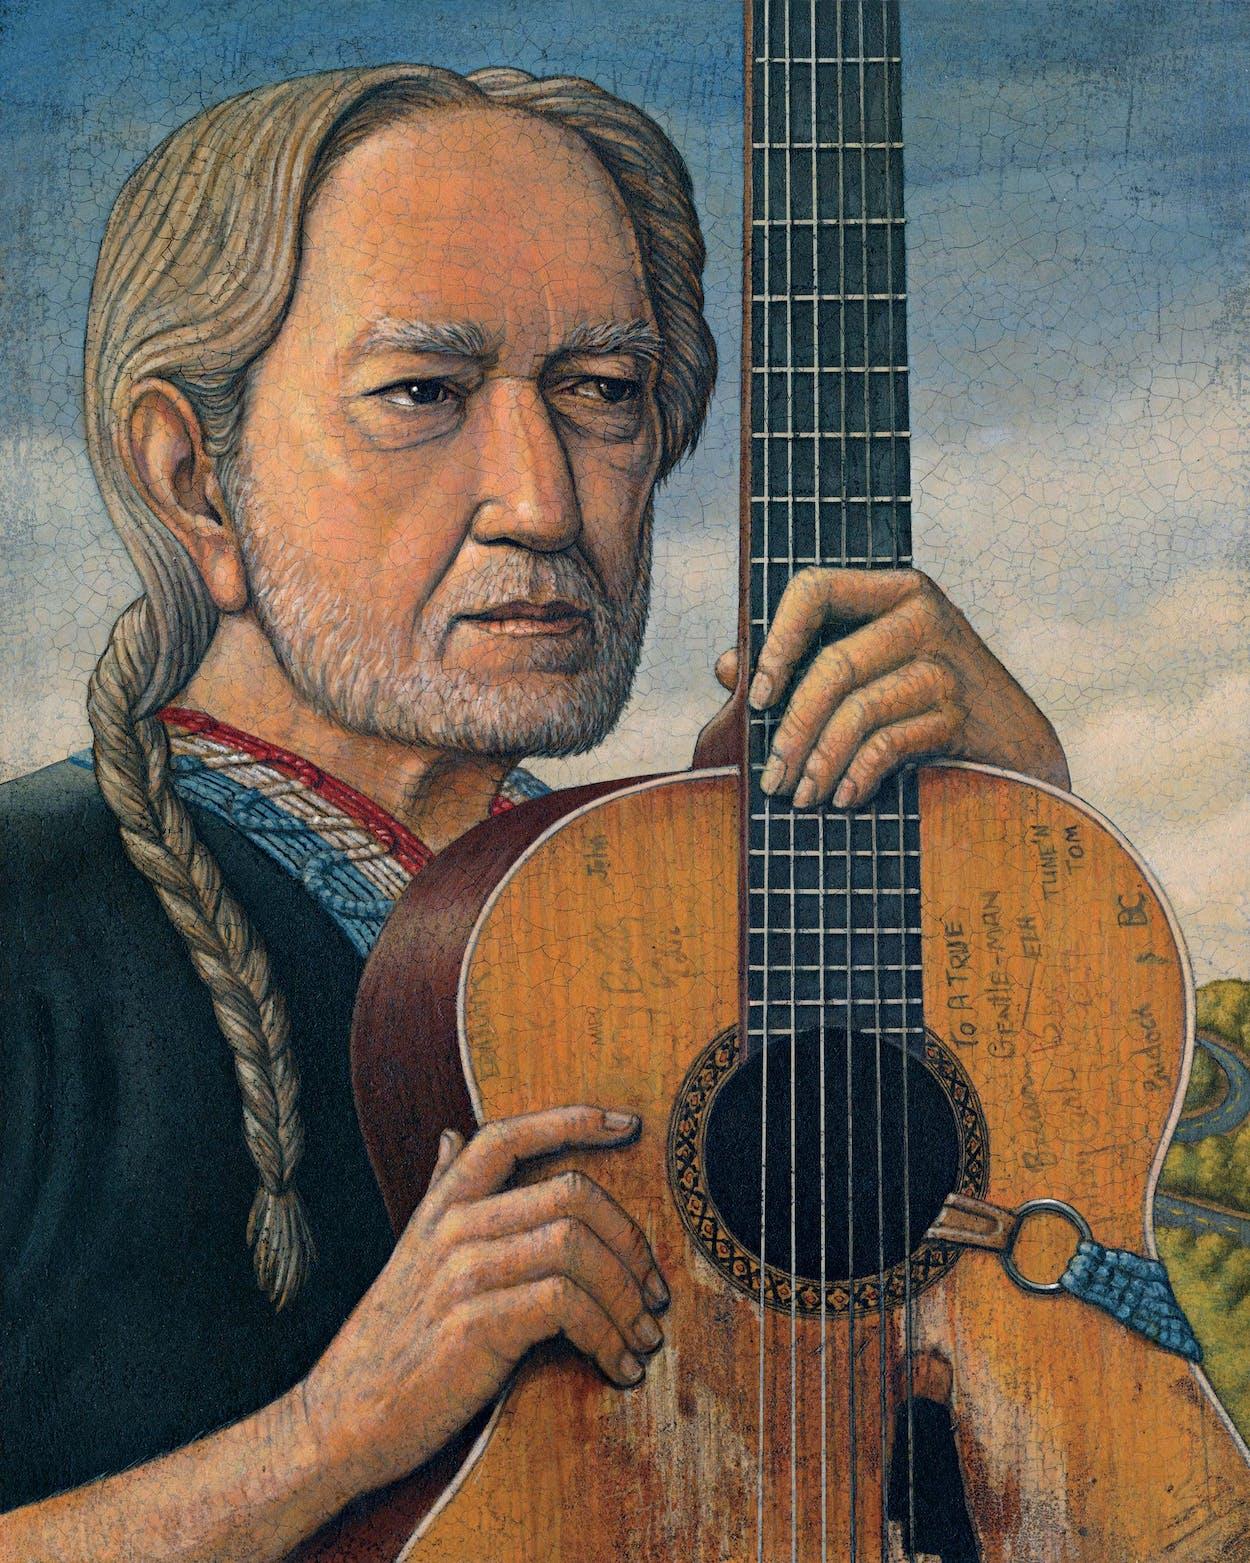 Willie Nelson Guitarist